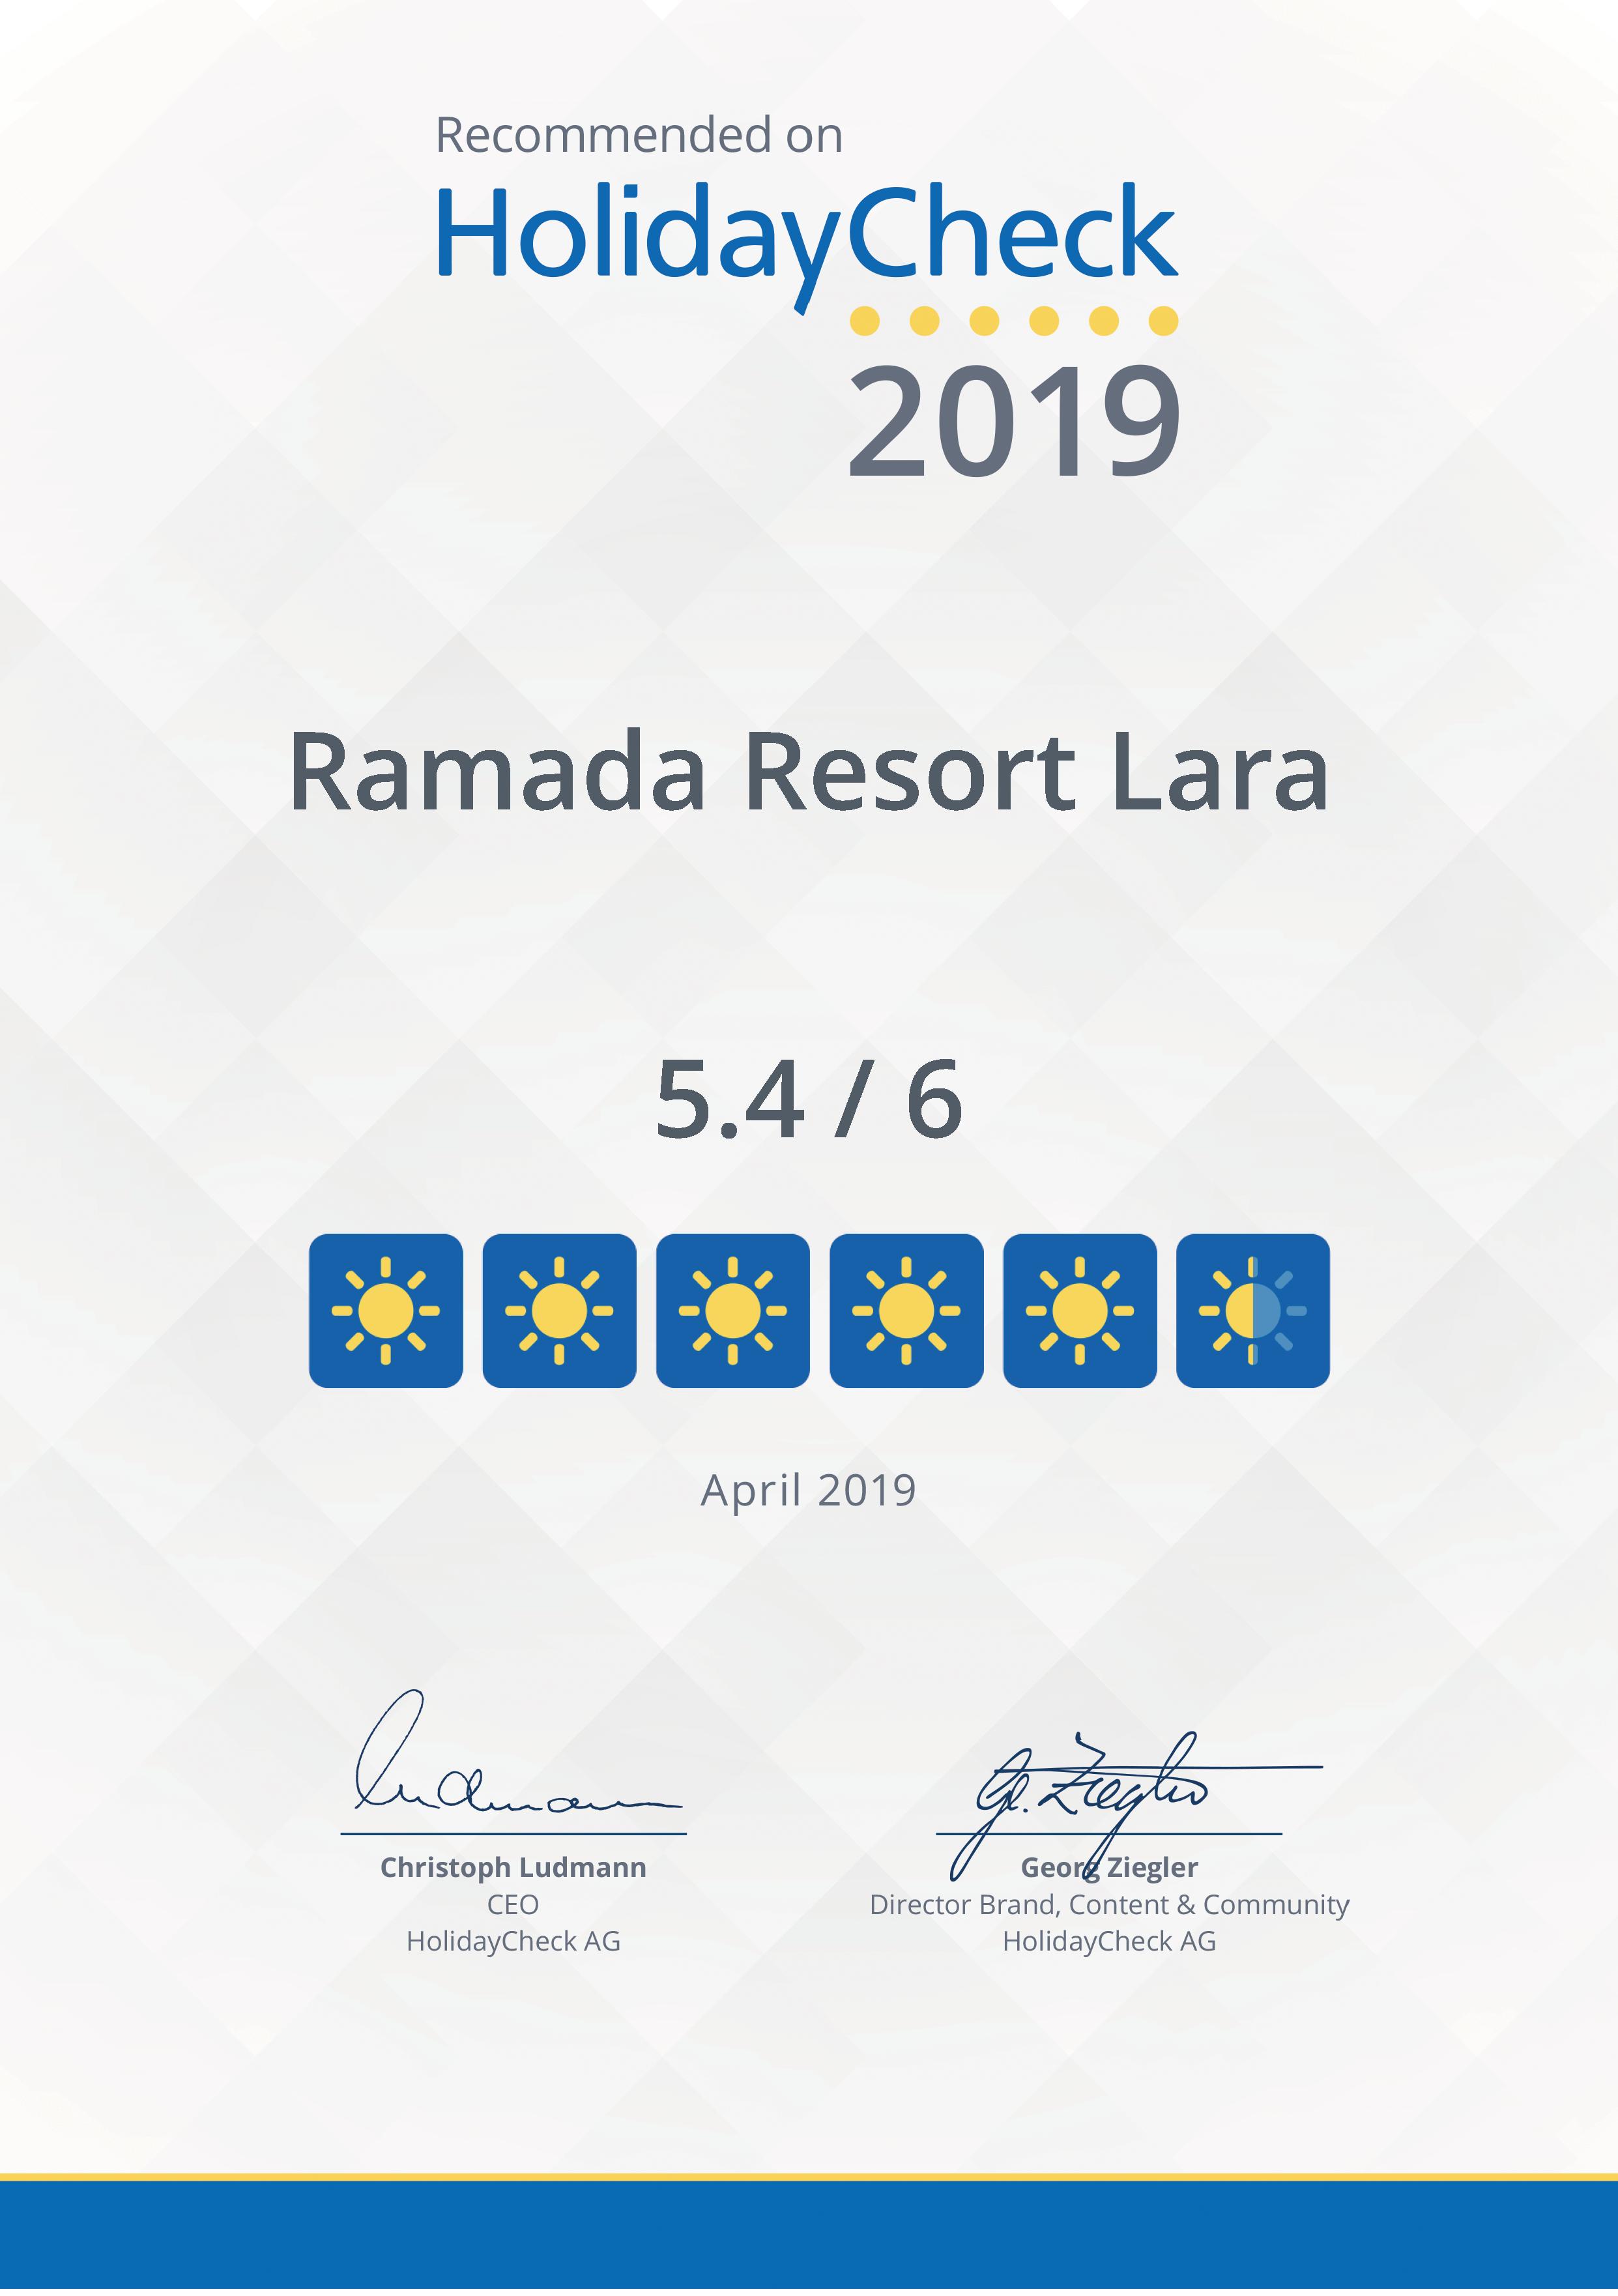 ramada_resort_lara_-_holidaycheck_-_2019.png